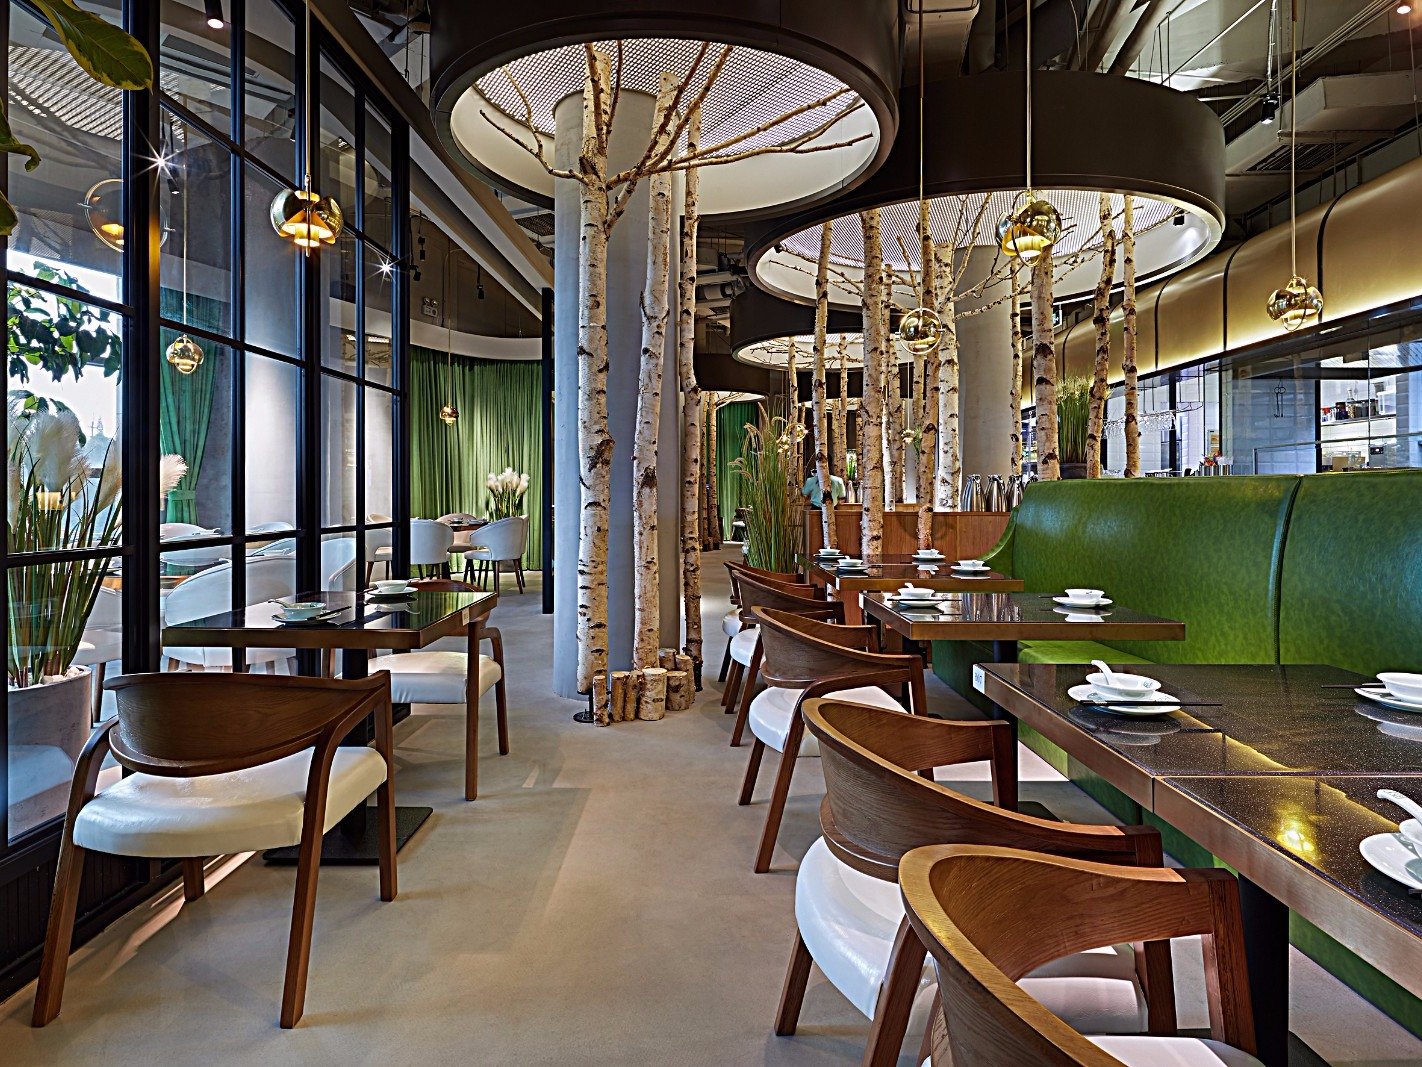 森林里的点心主义餐厅-黑龙江餐厅设计 黑龙江餐厅装修图片